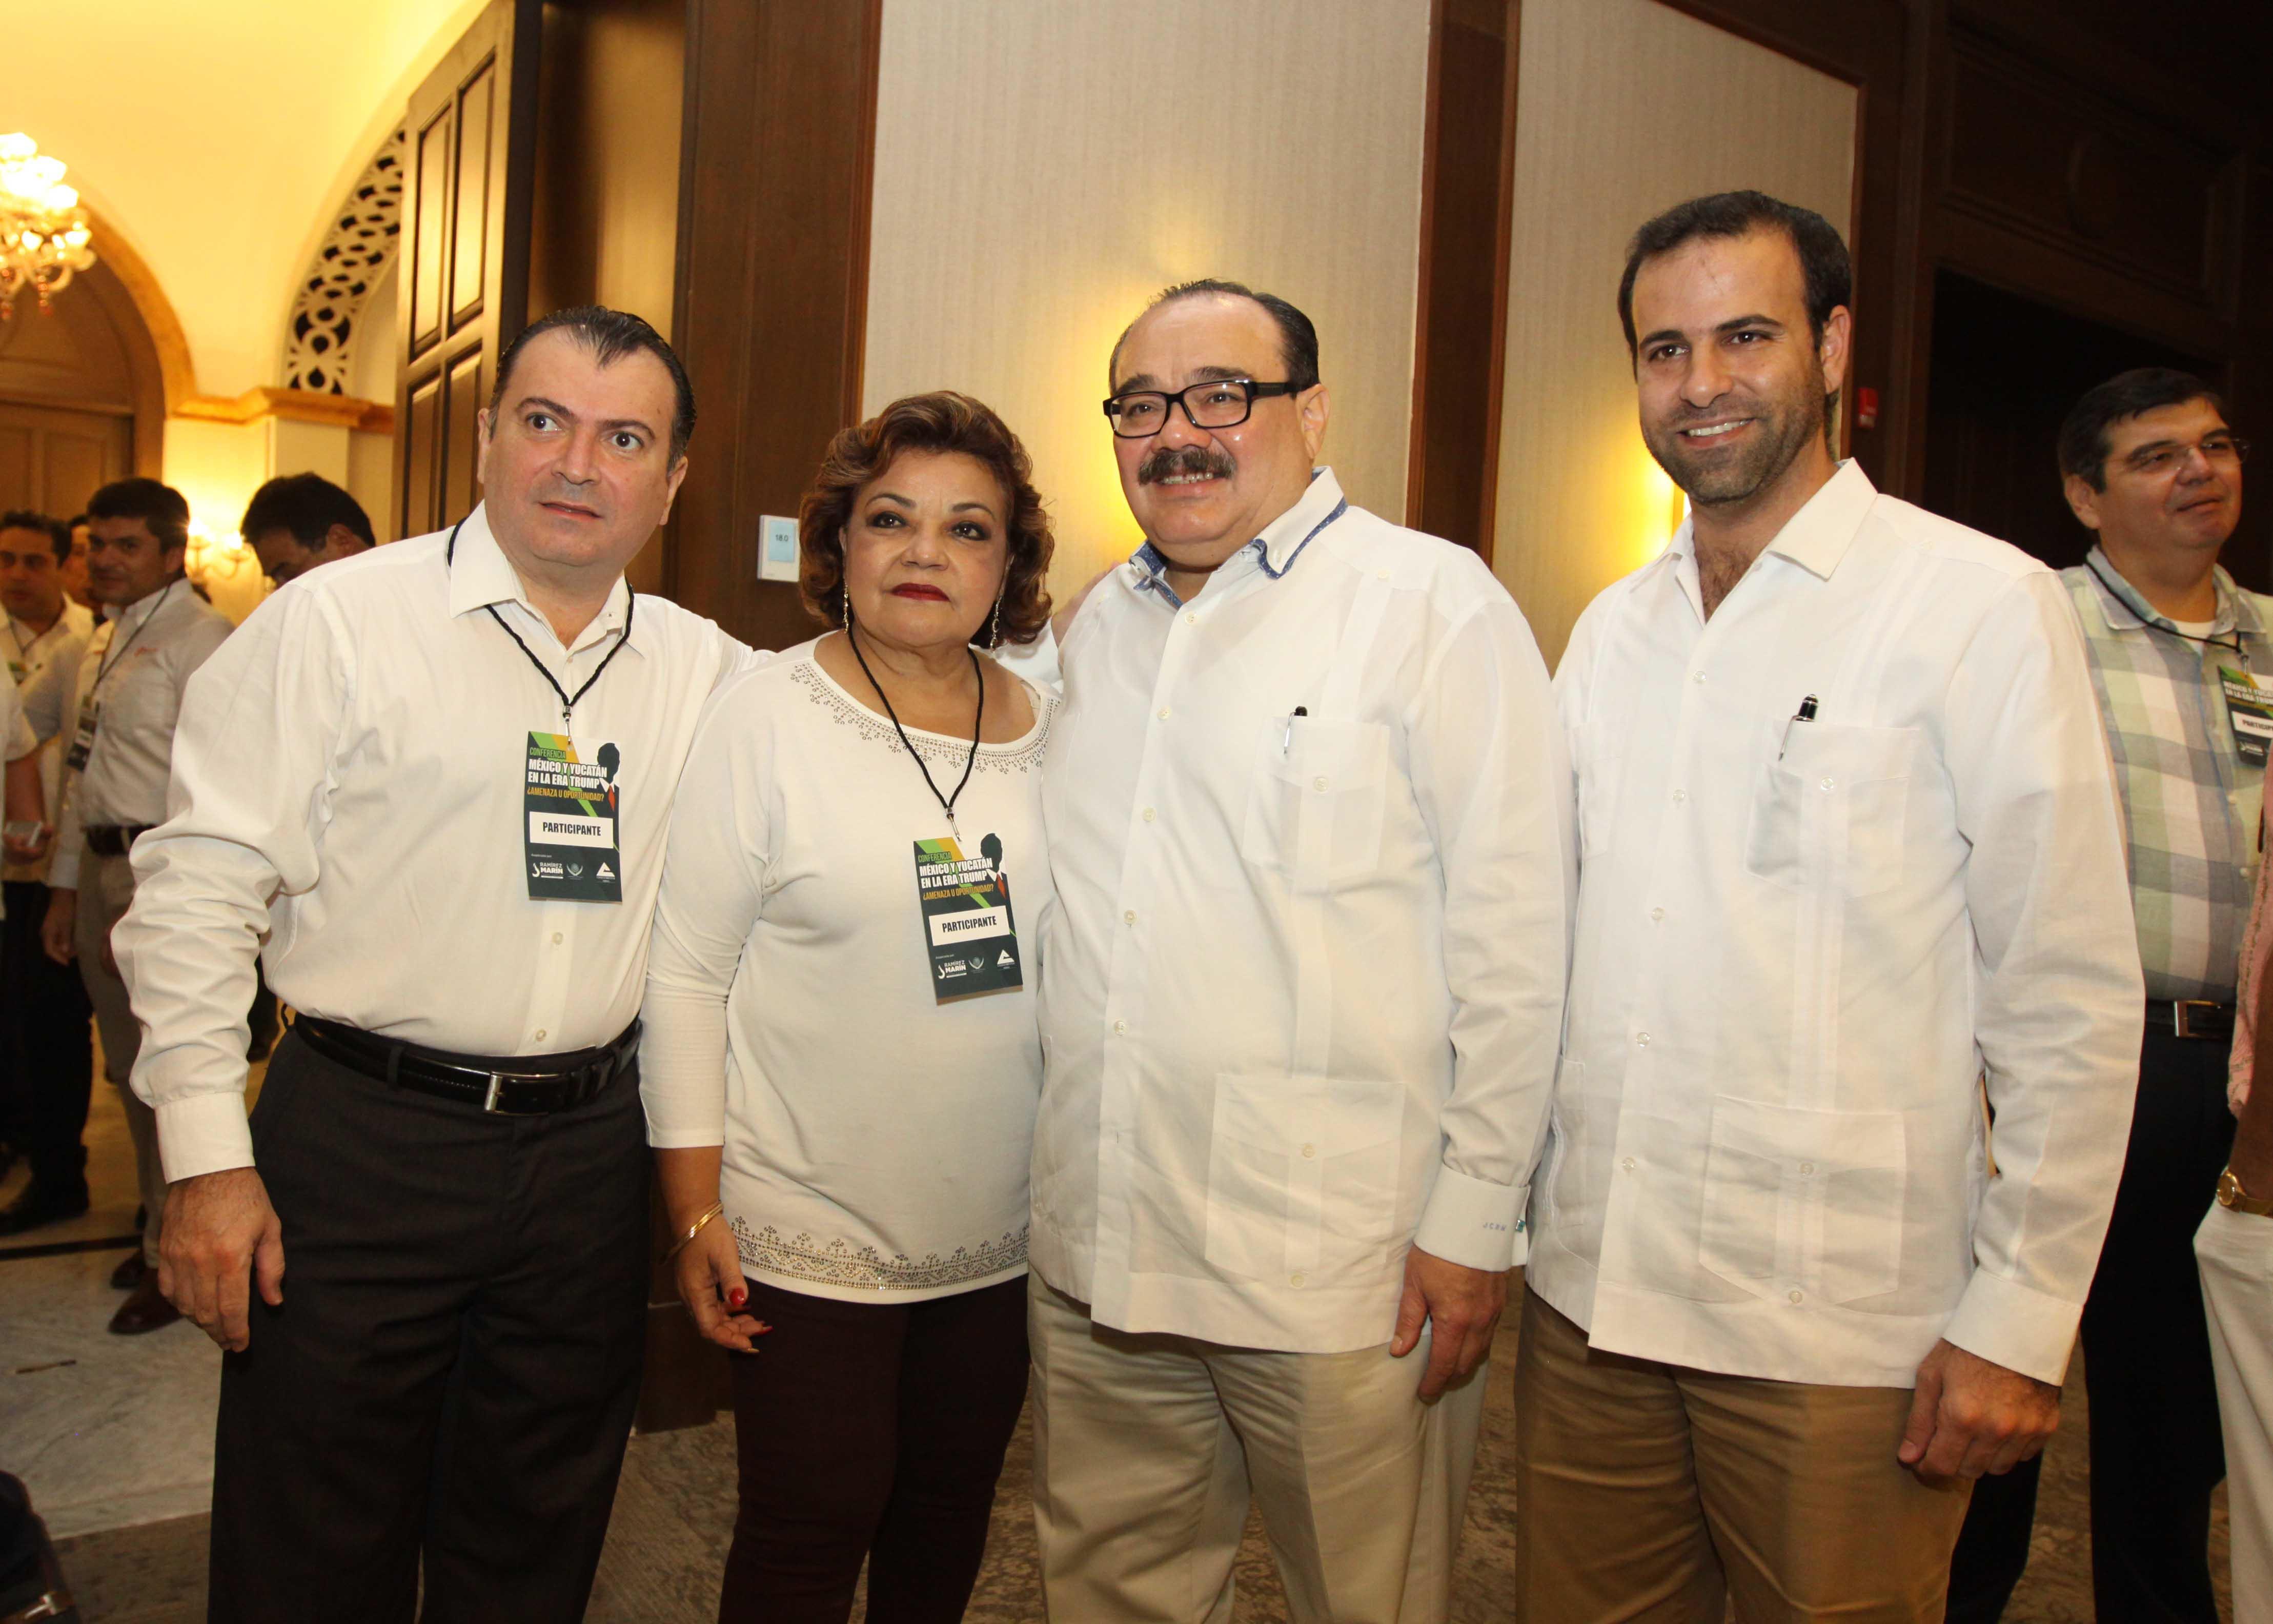 Ven en la 'Era de Trump' oportunidad en Yucatán